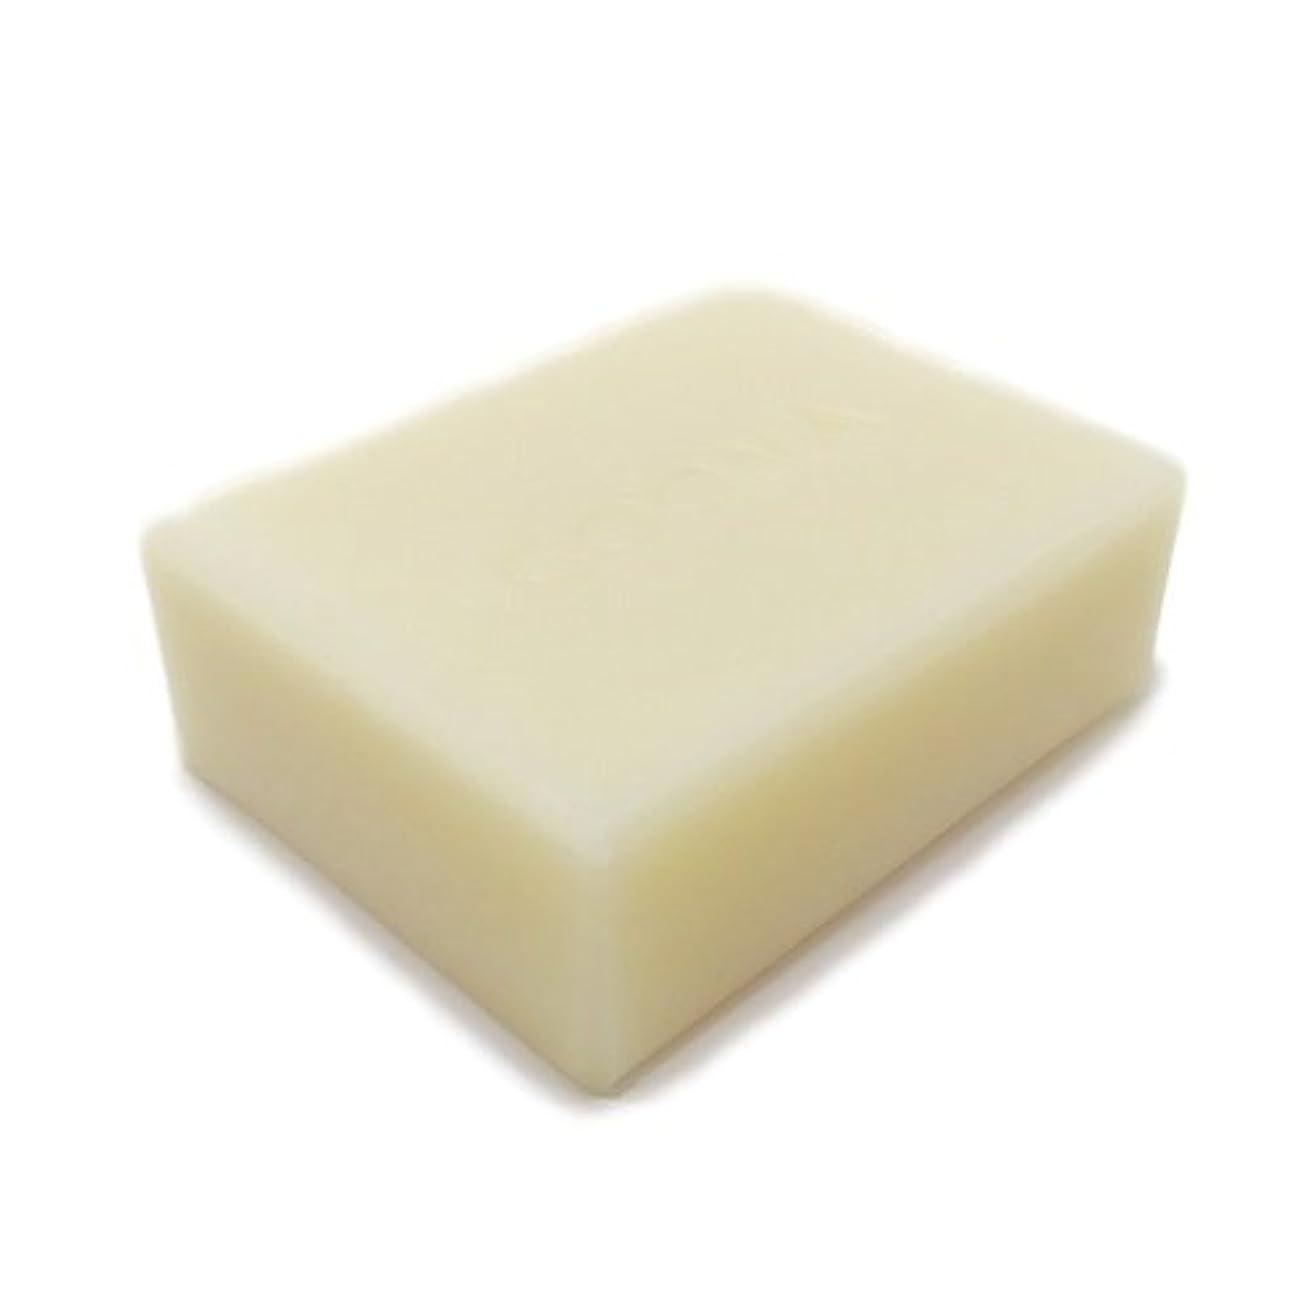 動かす沿って外向き浴用石鹸 COONA和の香り石けん ゆず (天然素材 自然派 コールドプロセス 手作り せっけん) 80g